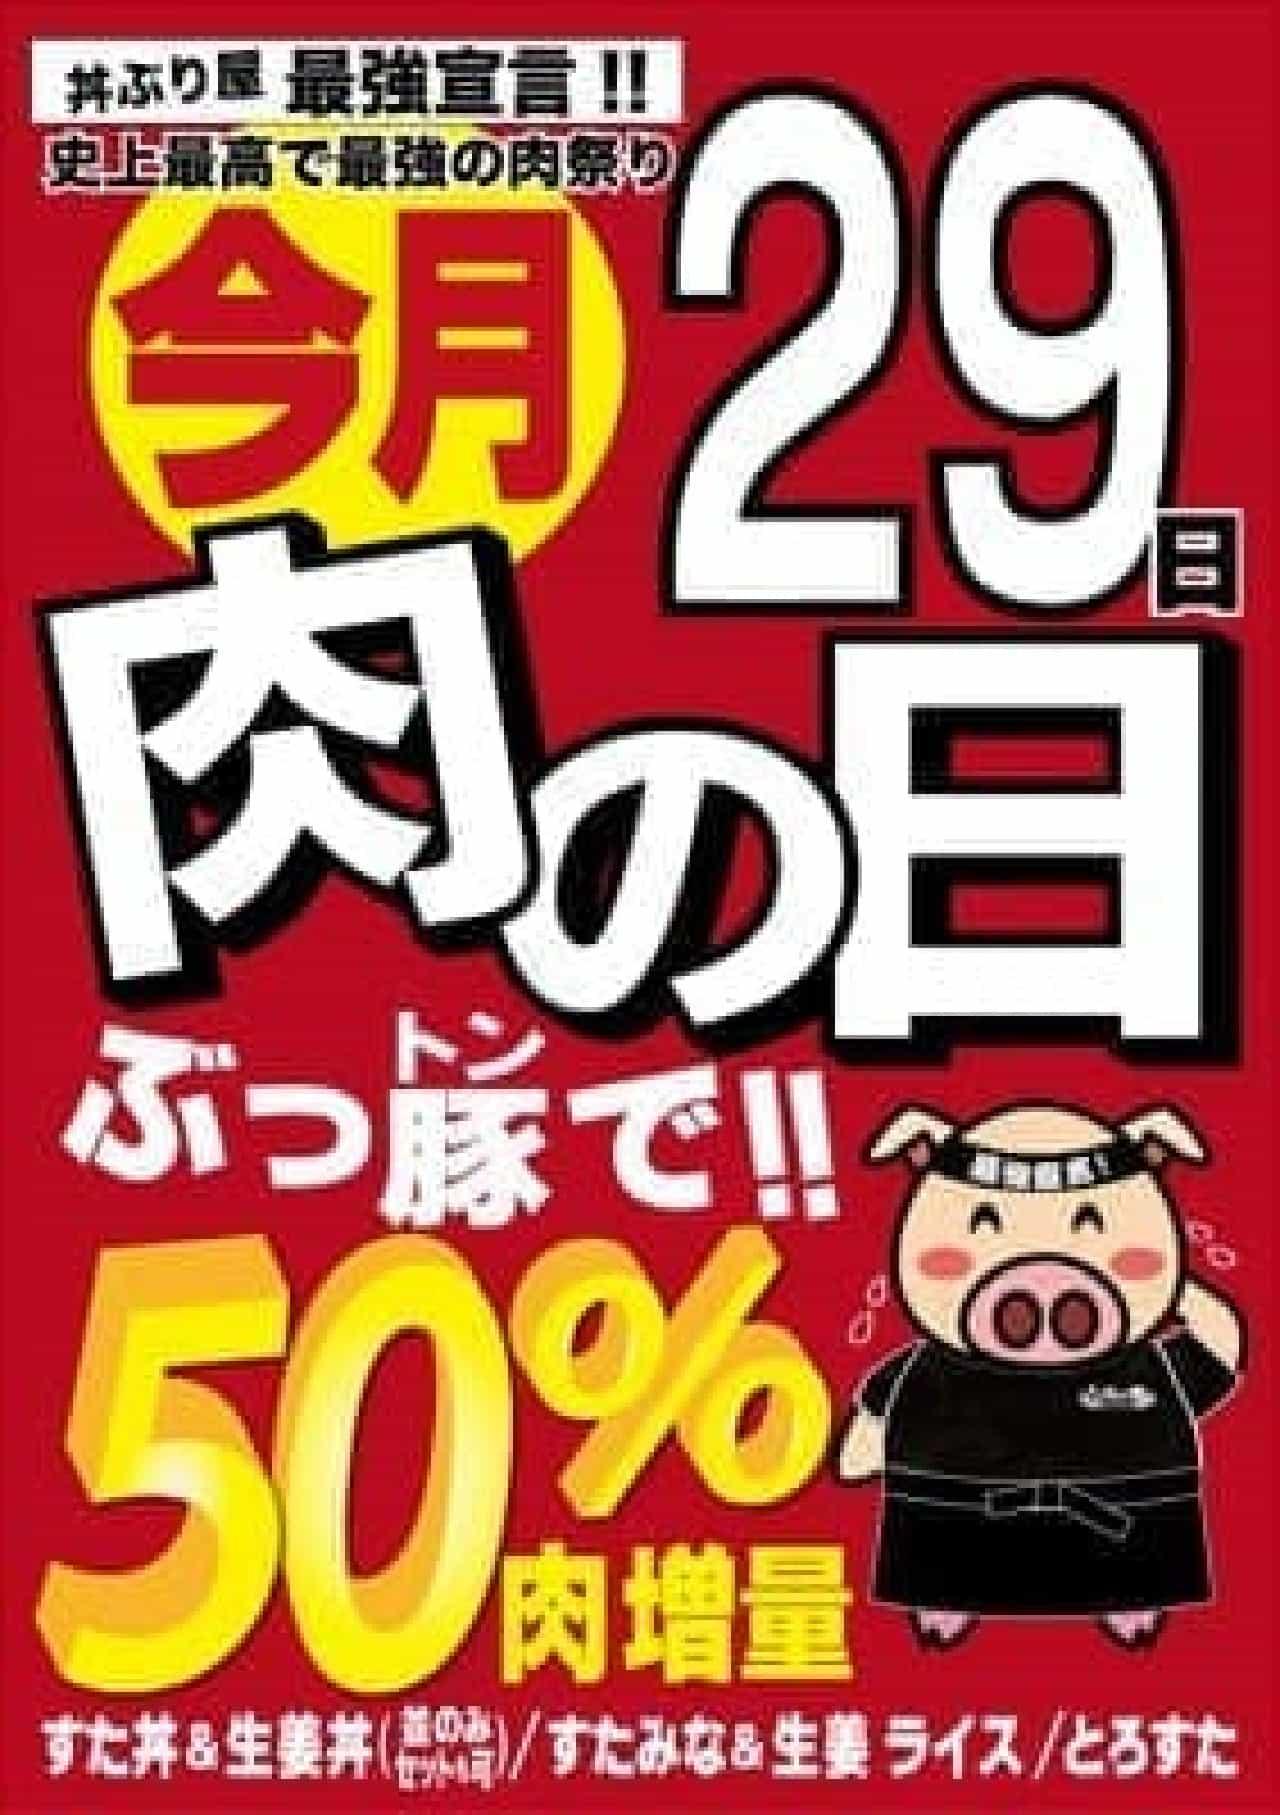 すた丼 肉の日キャンペーン